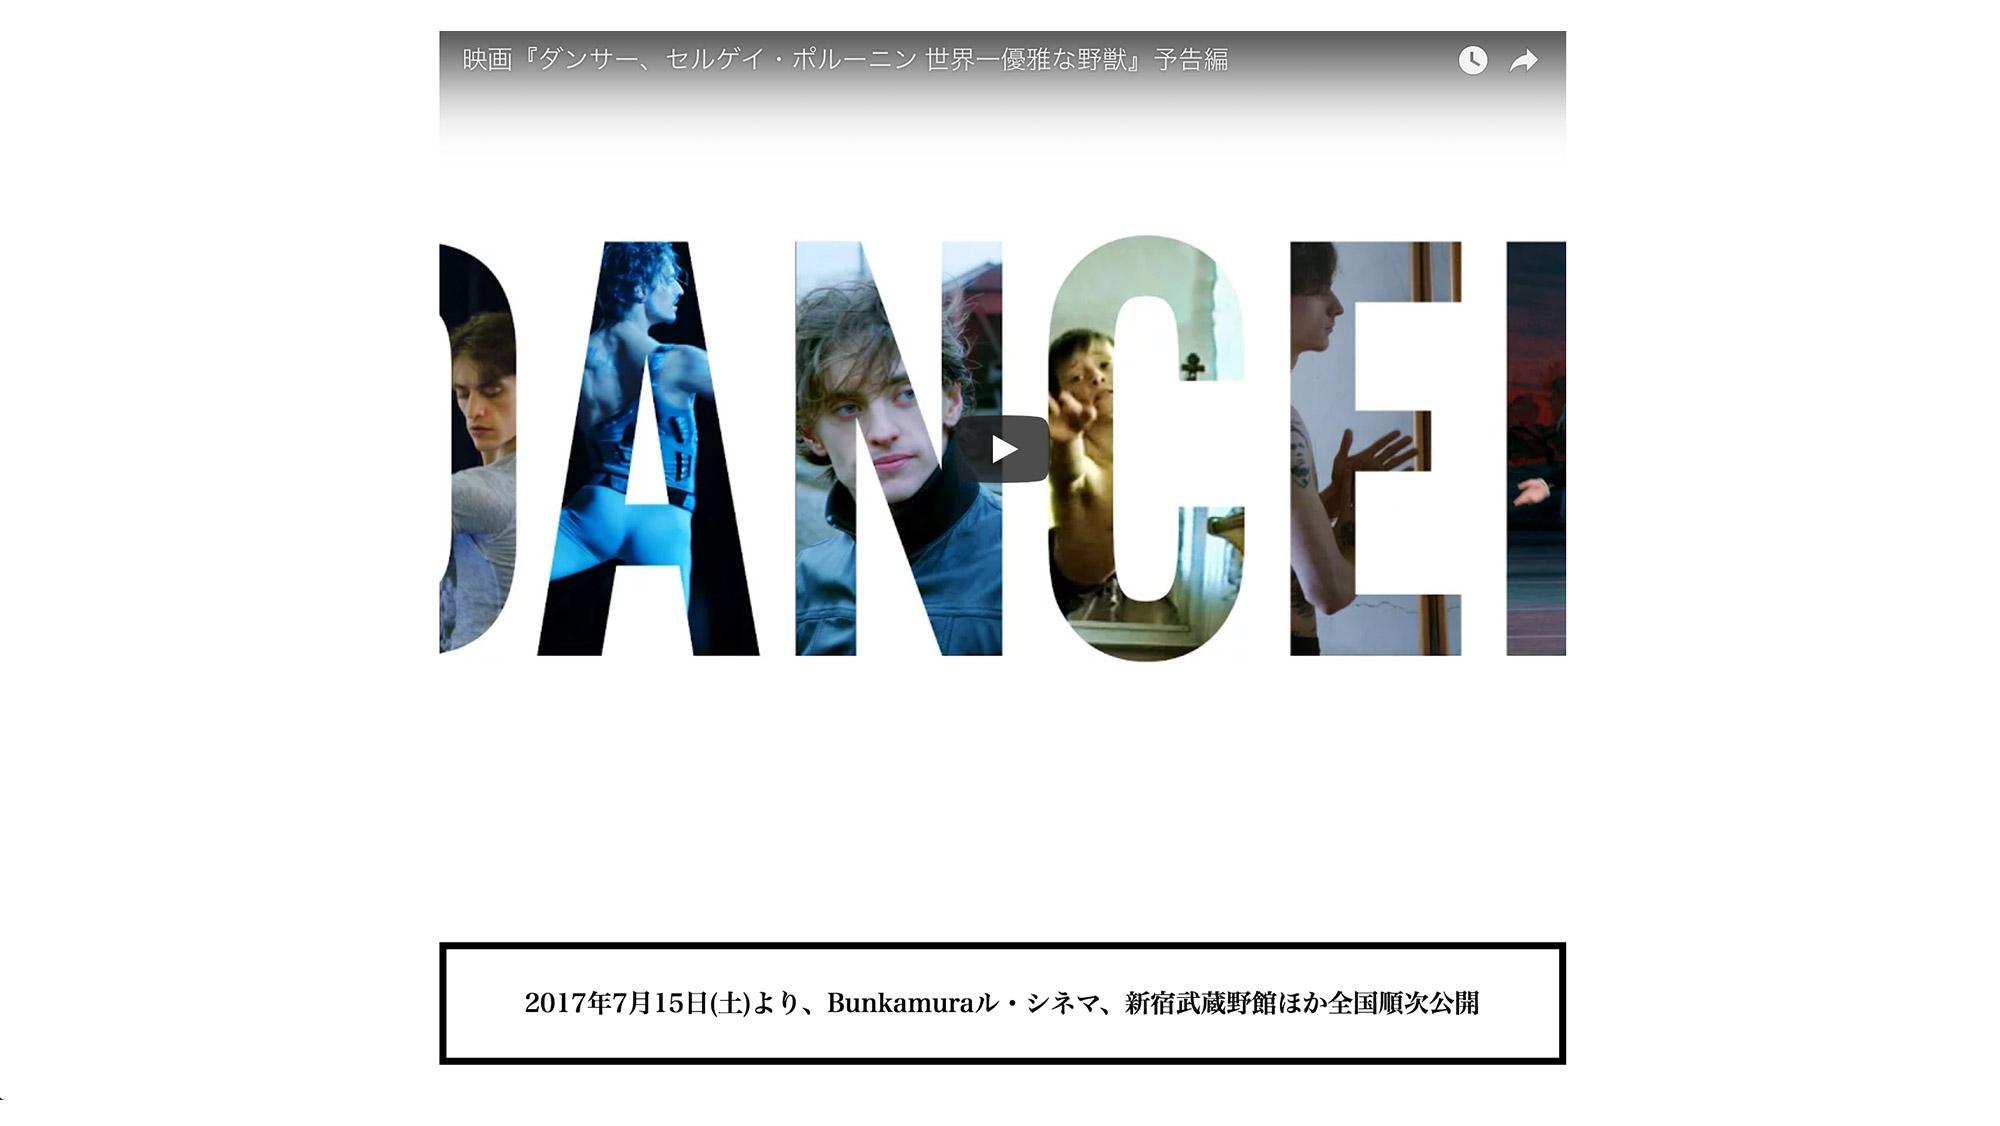 天才バレエ・ダンサー セルゲイ・ポルーニン ドキュメンタリー映画「DANCER」コラボレーション